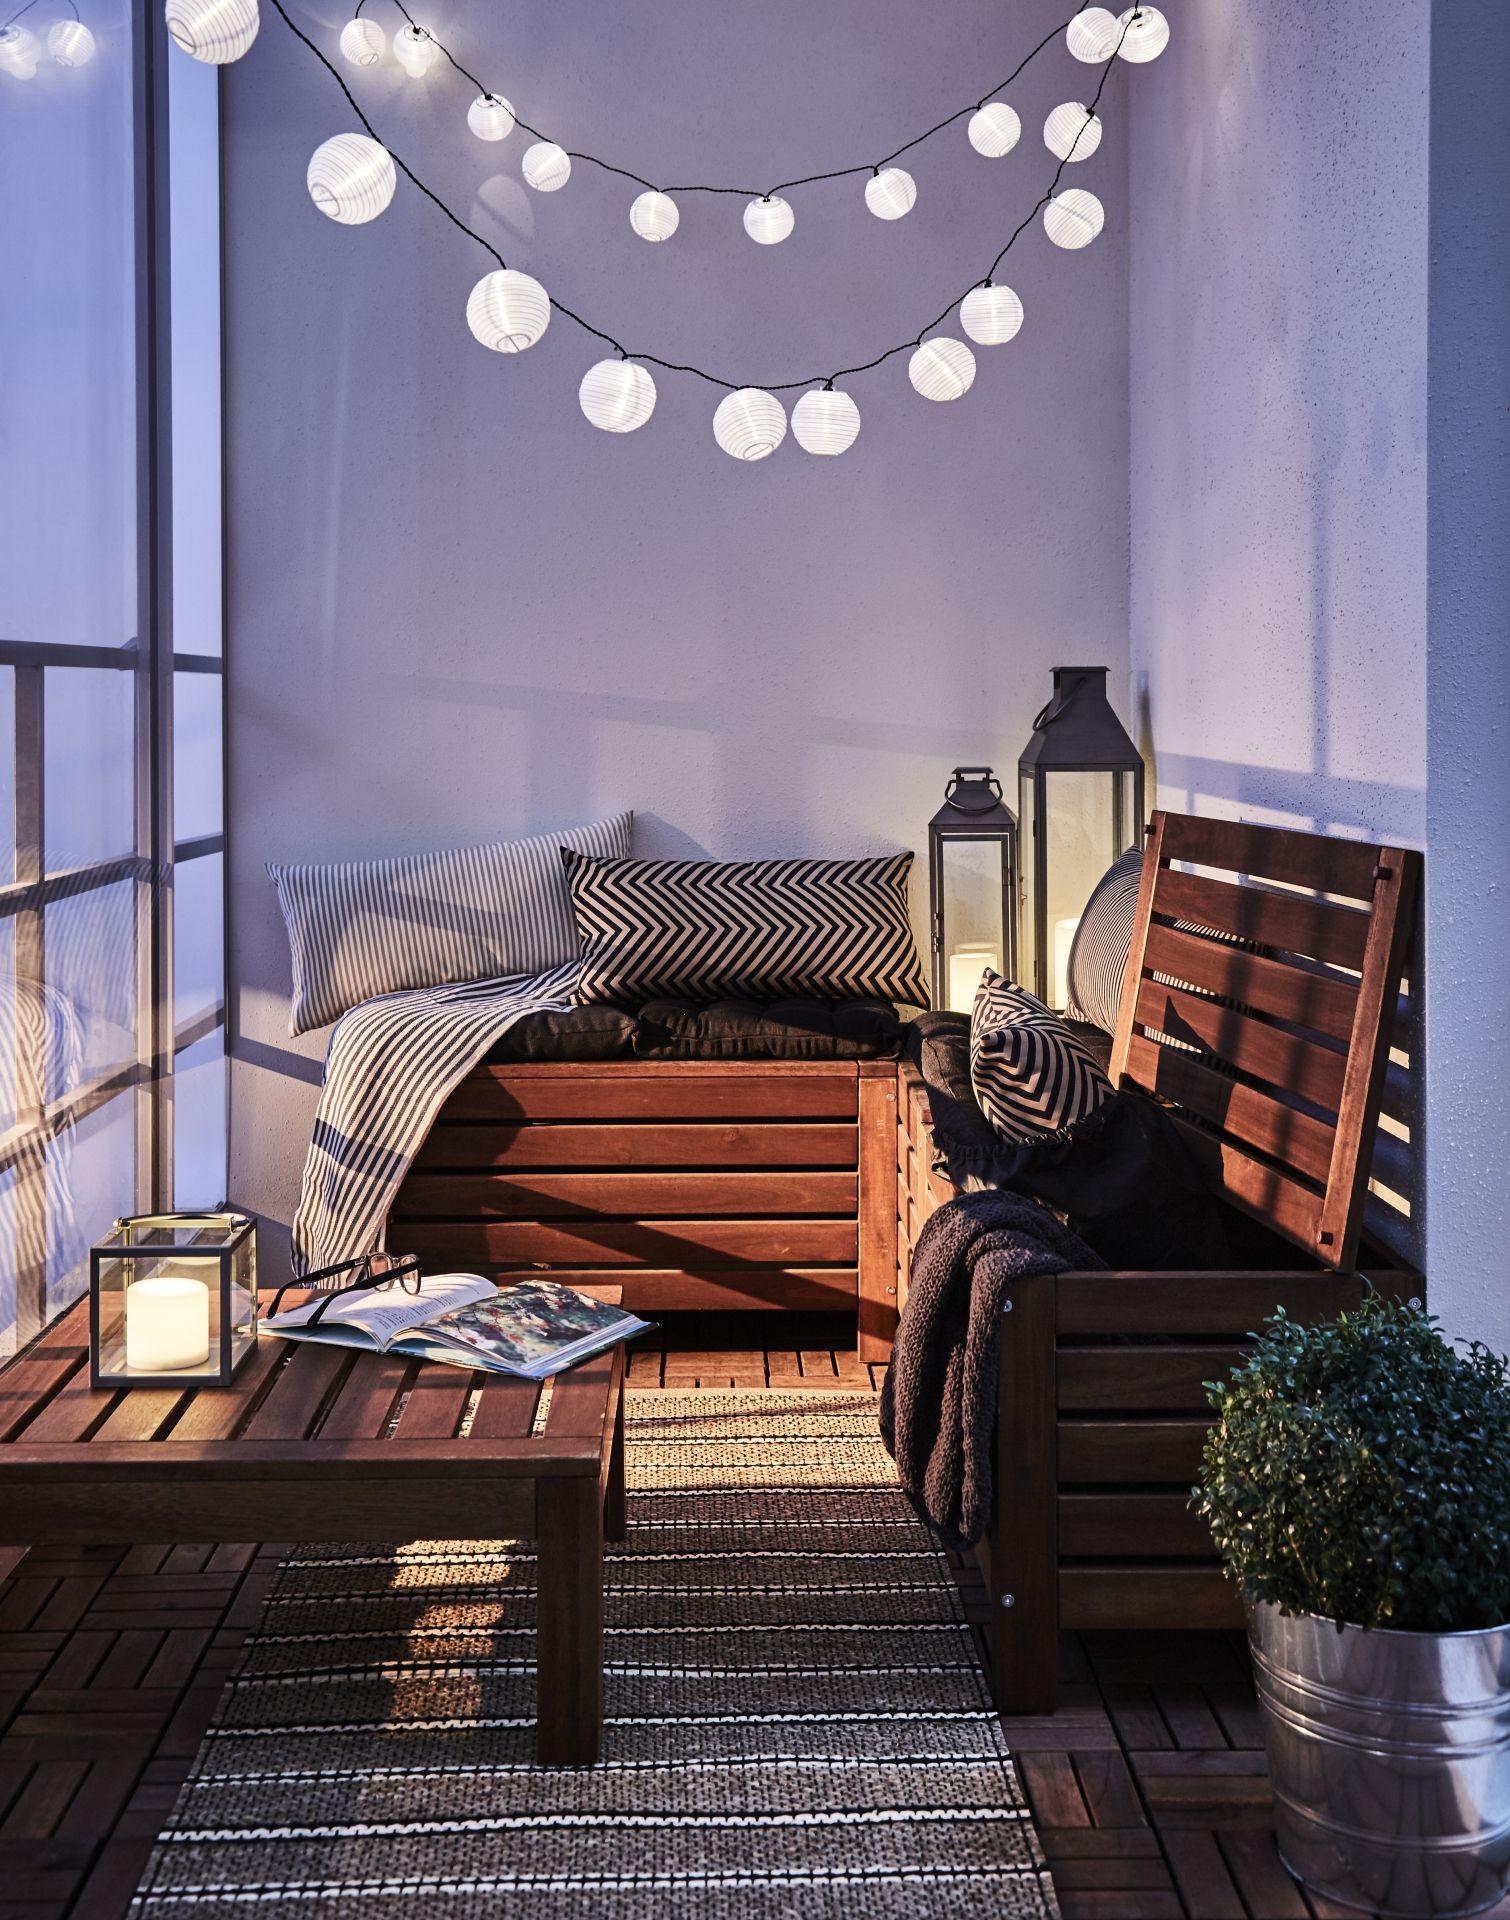 Gemutliche Abende Am Balkon Werden Mit Der Richtigen Beleuchtung Noch Schoner Etwa Mit Unser Kleines Balkon Dekor Wohnung Mit Balkon Einrichten Balkonentwurf